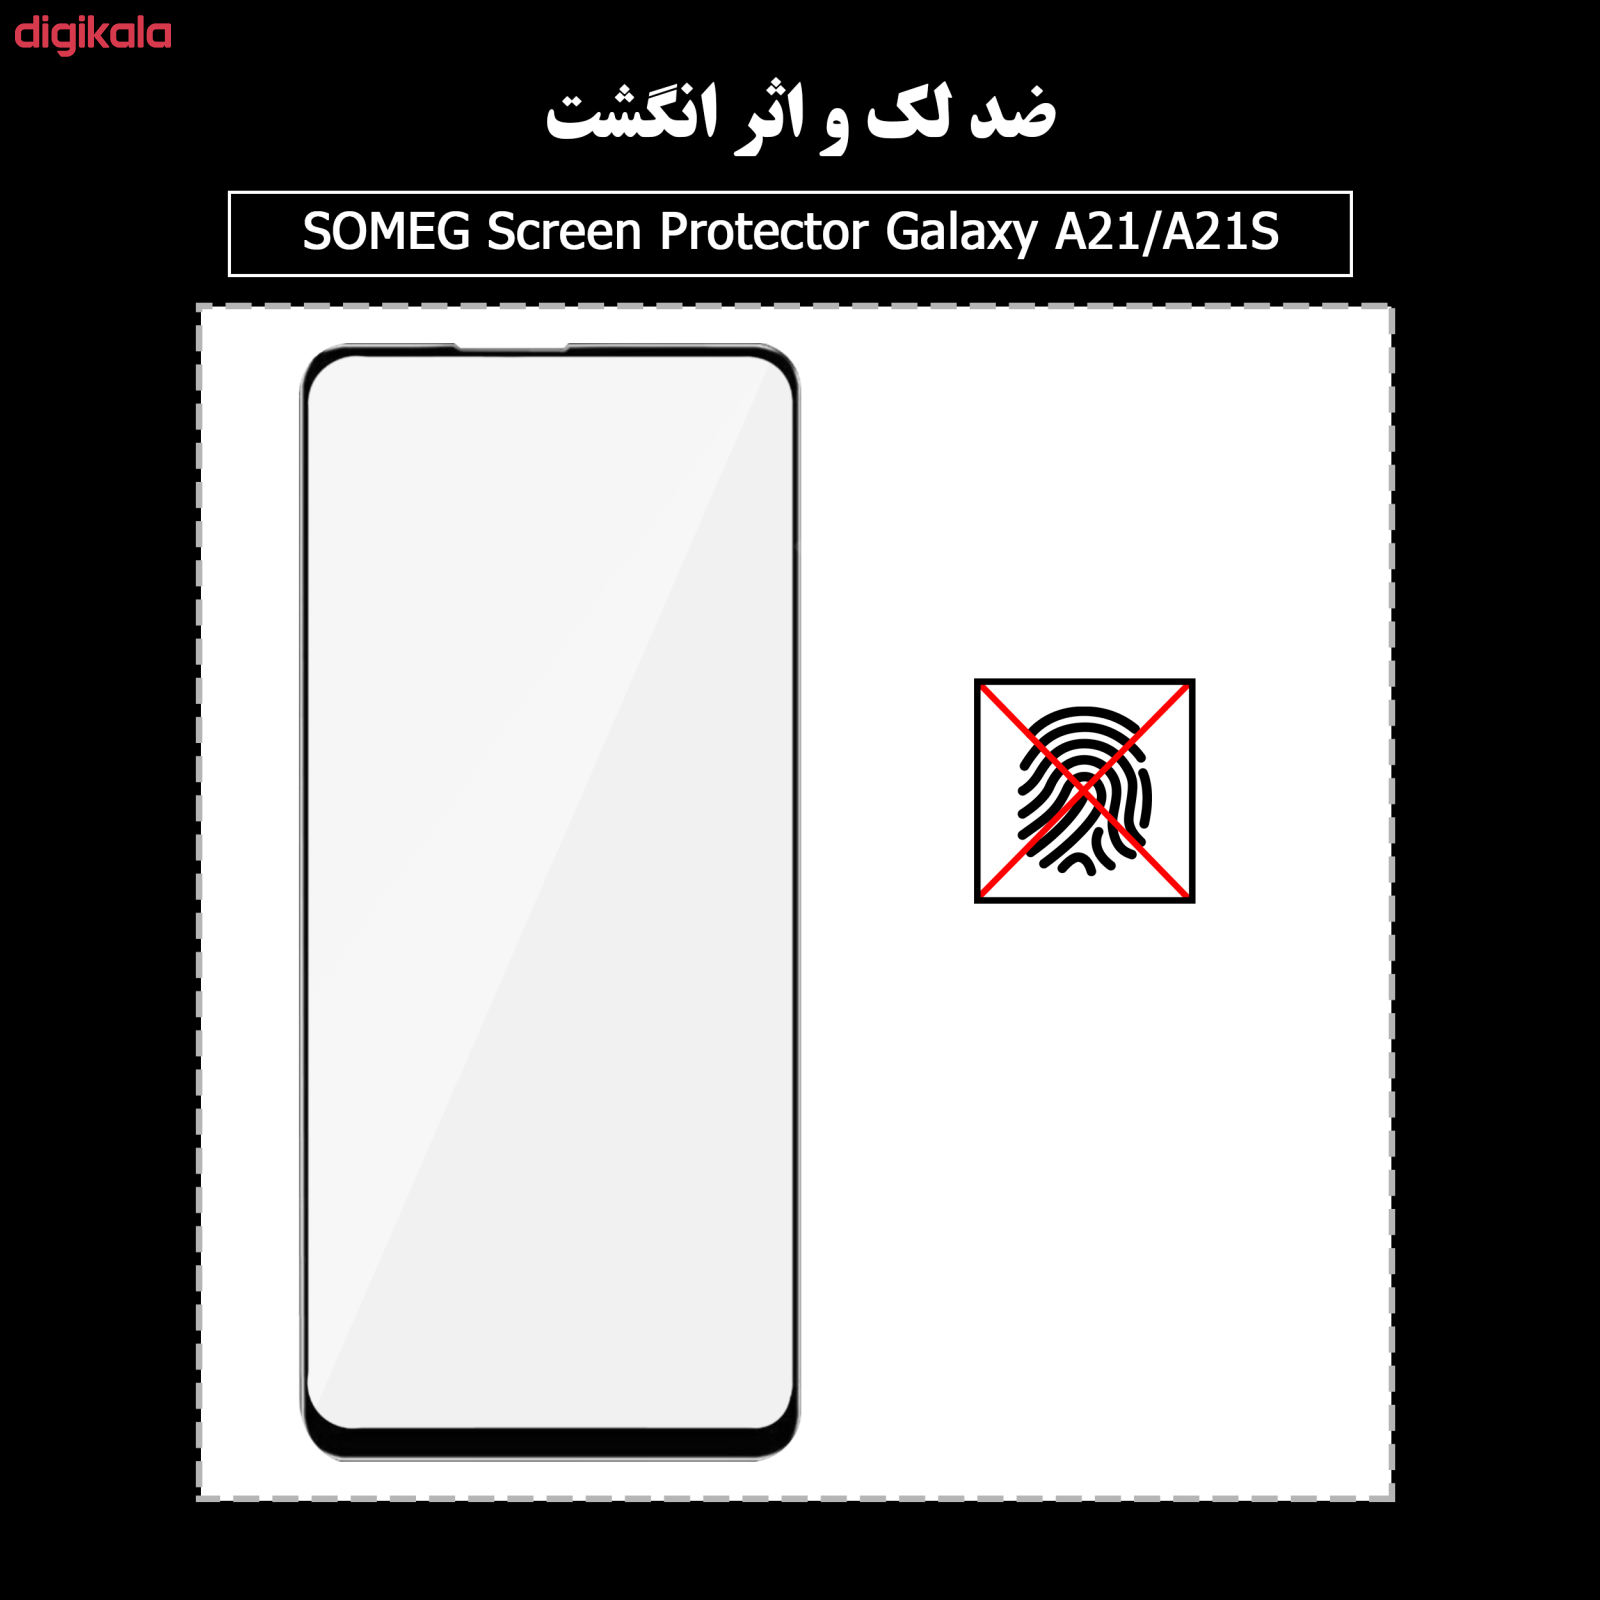 محافظ صفحه نمایش سرامیکی سومگ مدل Ruby-9 مناسب برای گوشی موبایل سامسونگ Galaxy A21 / A21s main 1 3